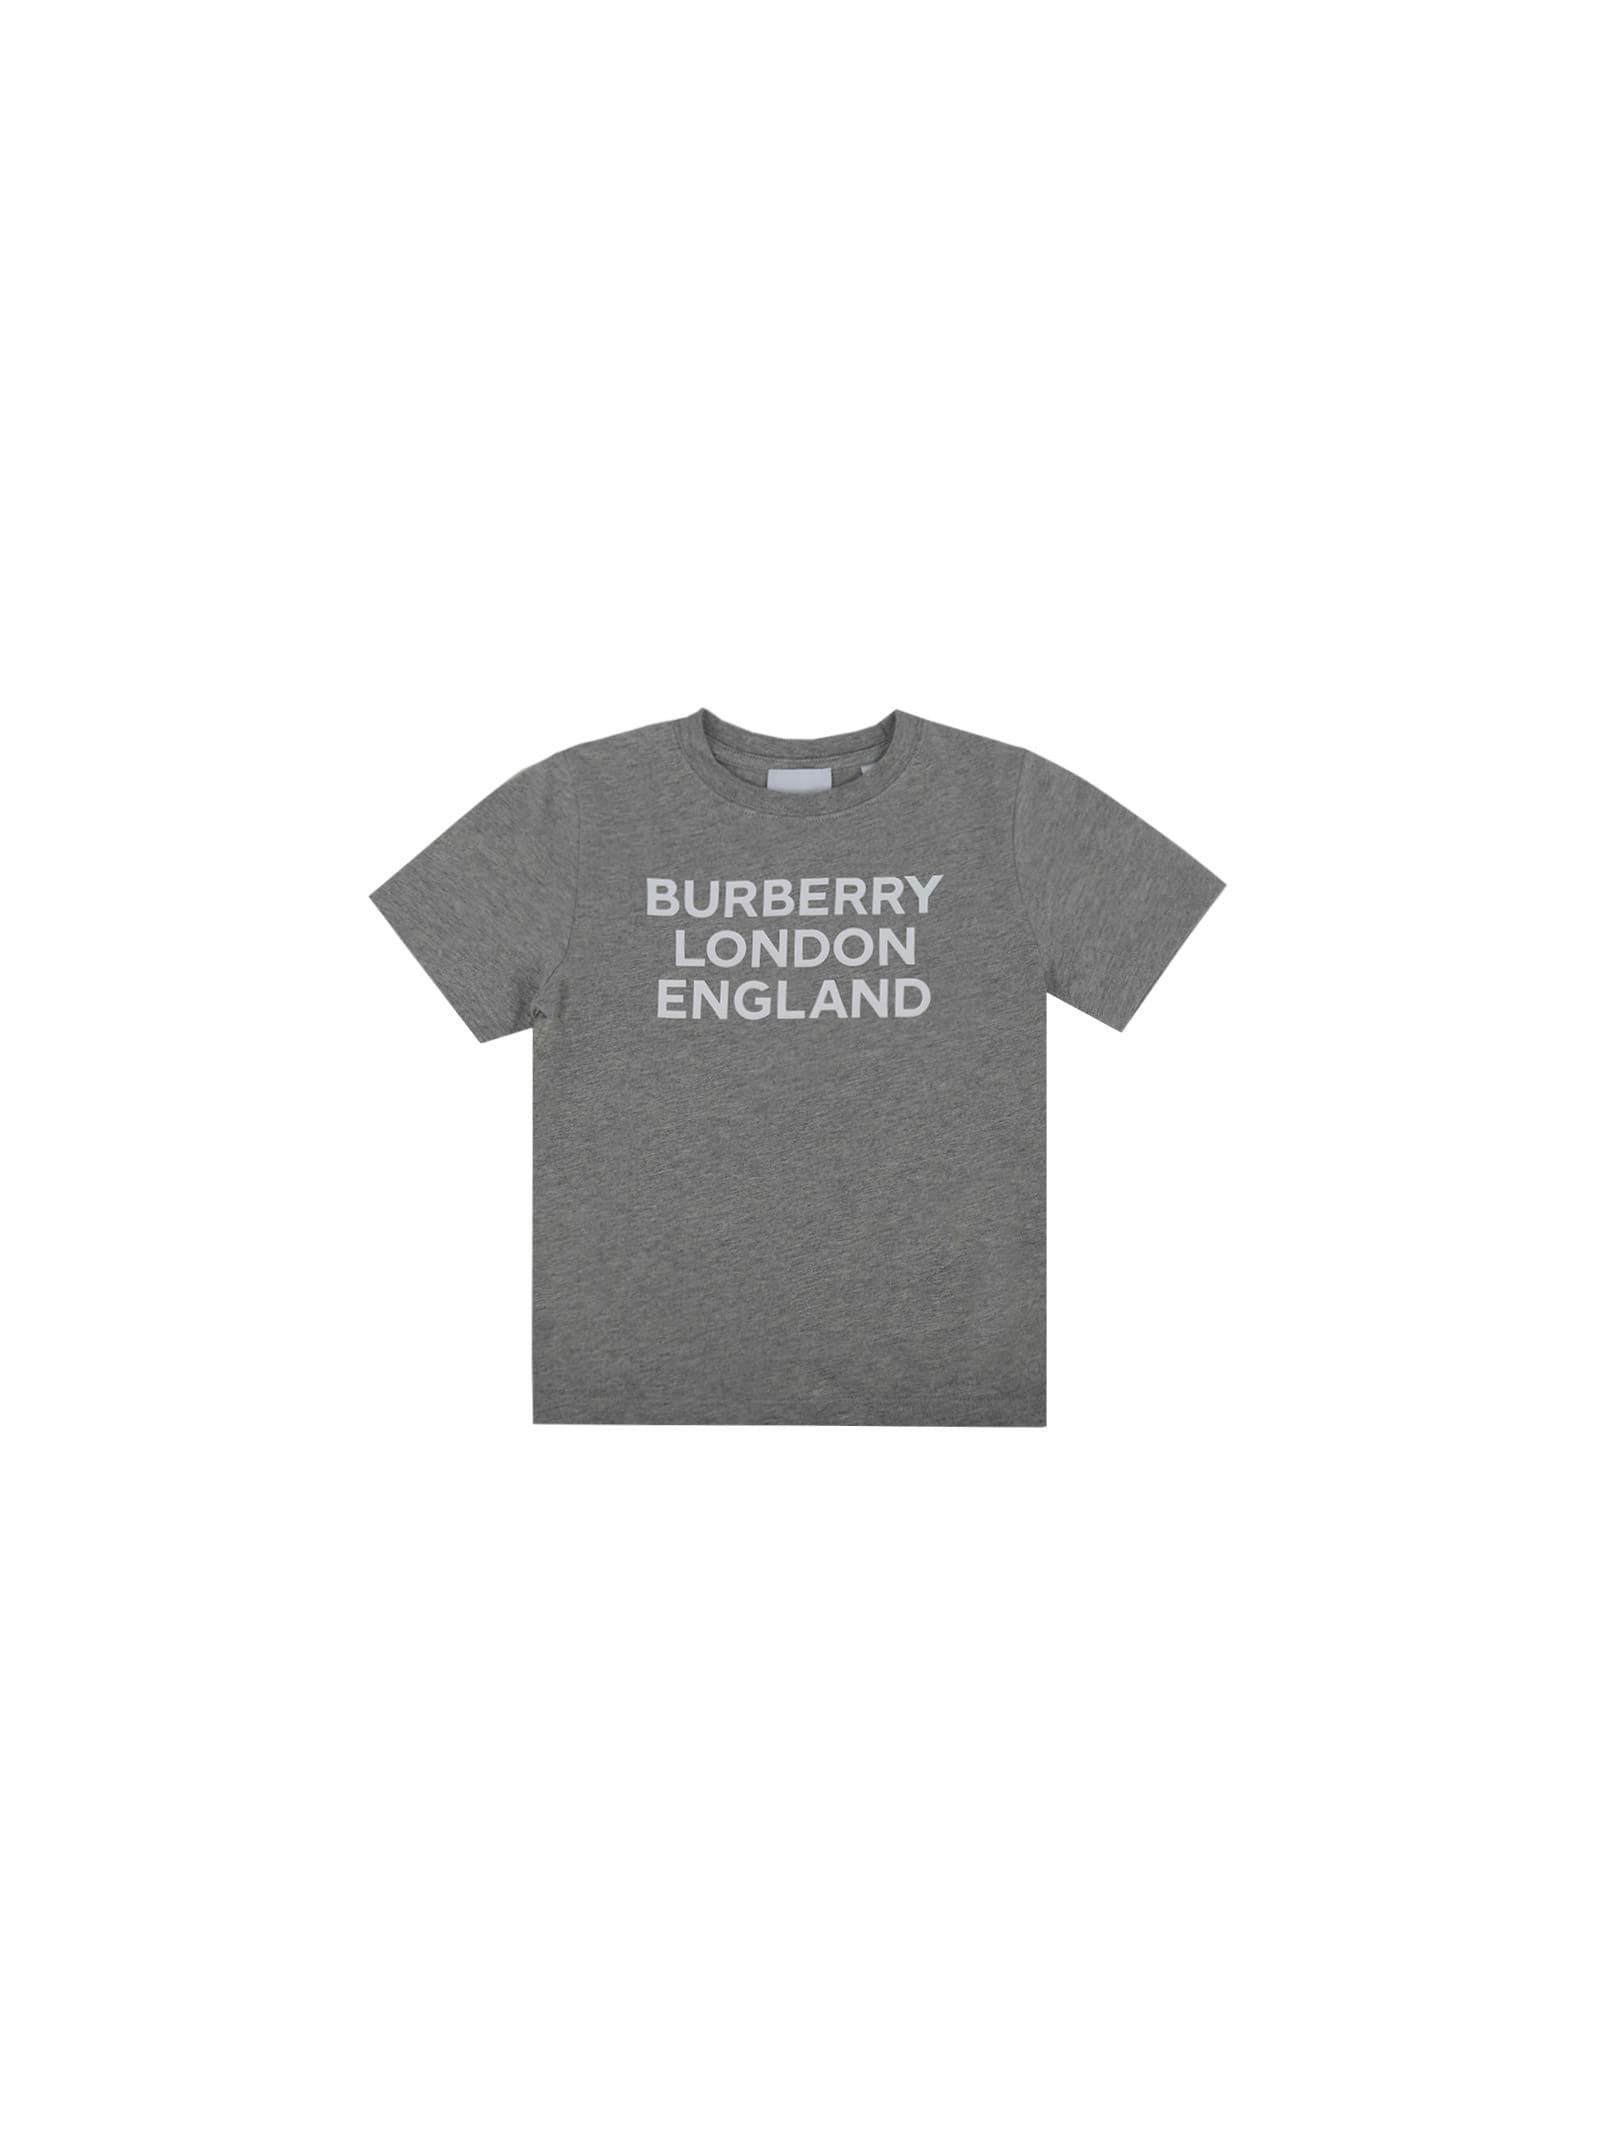 Burberry Kids' T-shirt For Girl In Grey Melange